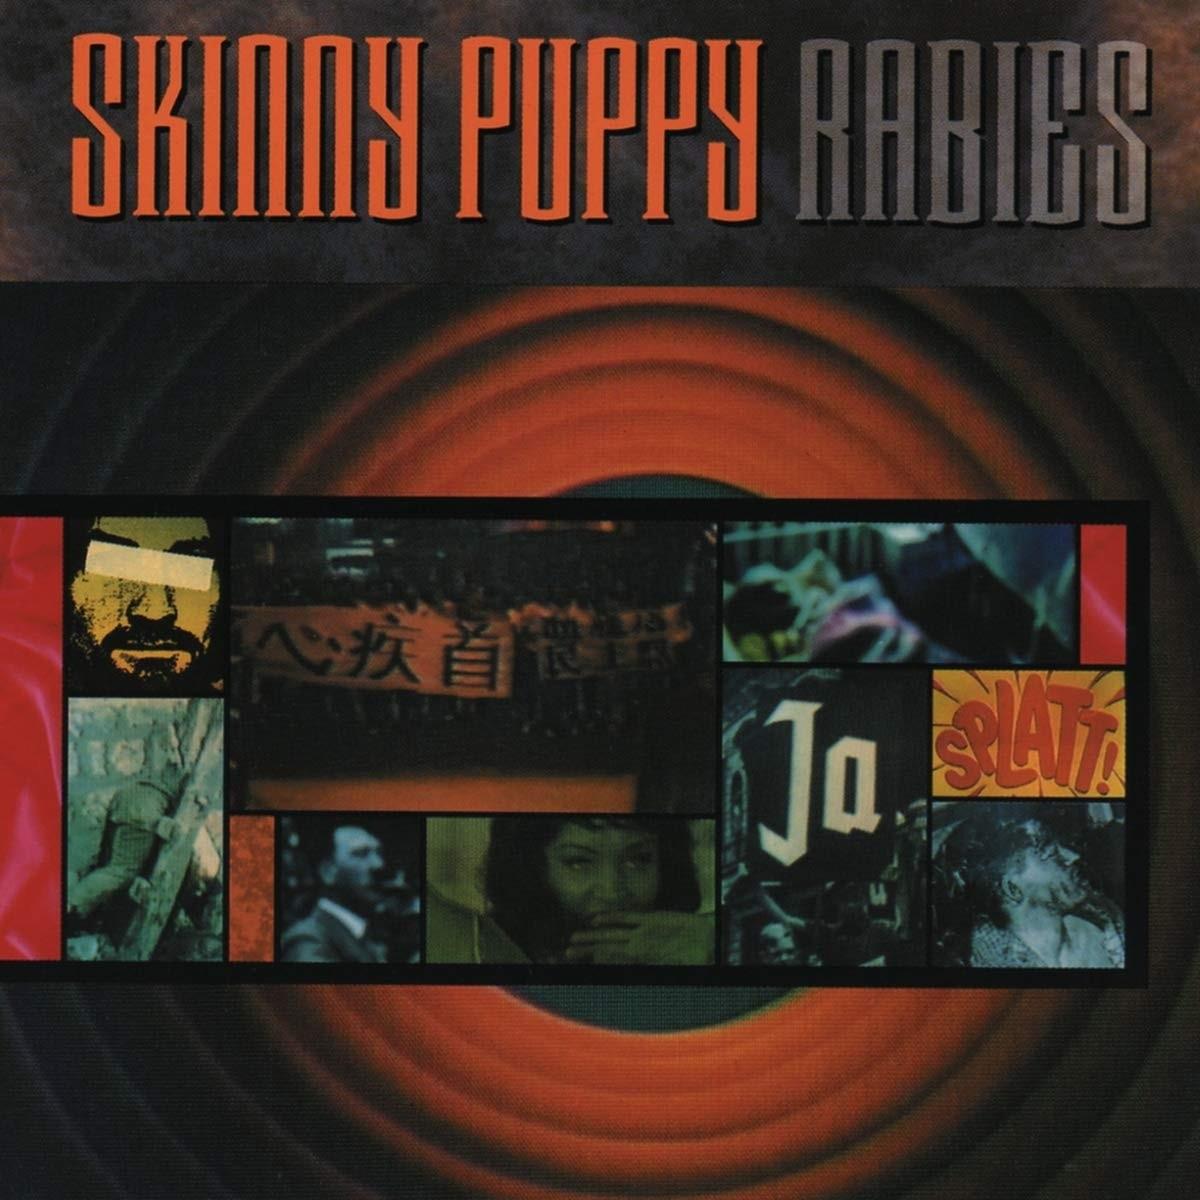 Skinny Puppy - Rabies LP